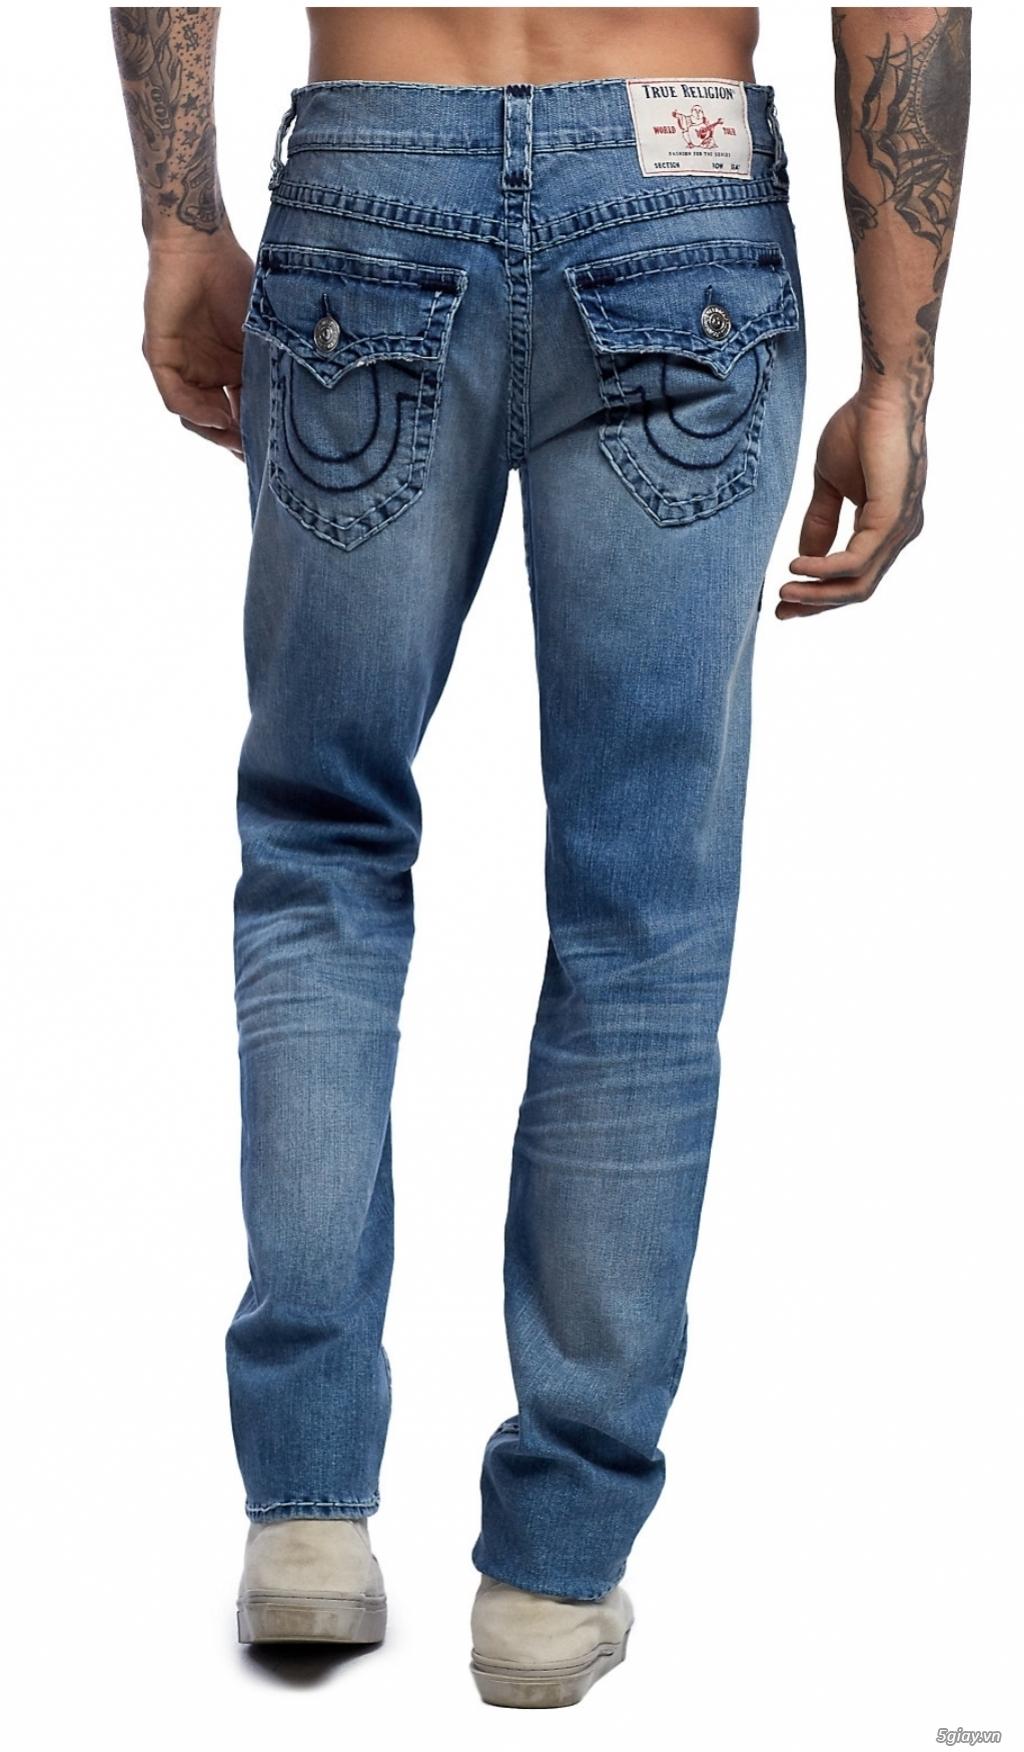 Quần Jean ông địa (True religion) hàng xách tay giá tốt - 1